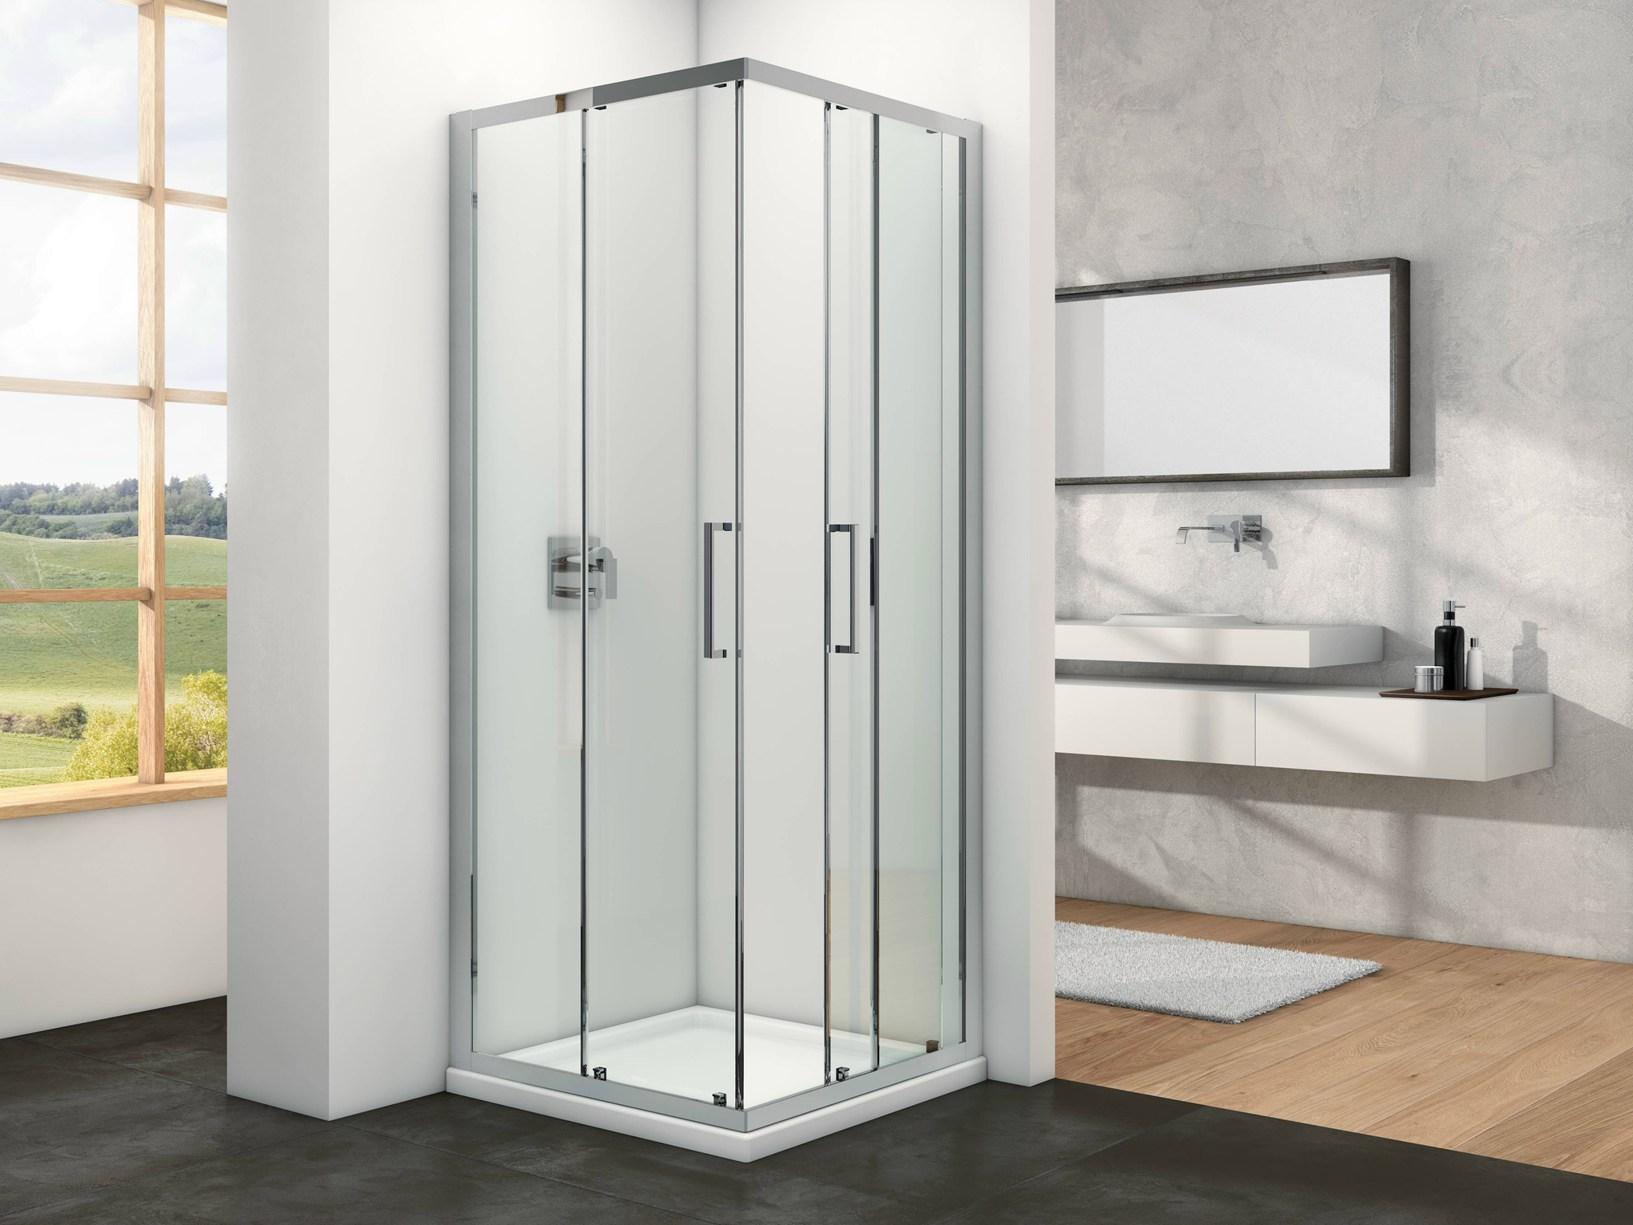 Design minimalista per i box doccia provex - Box doccia design minimale ...